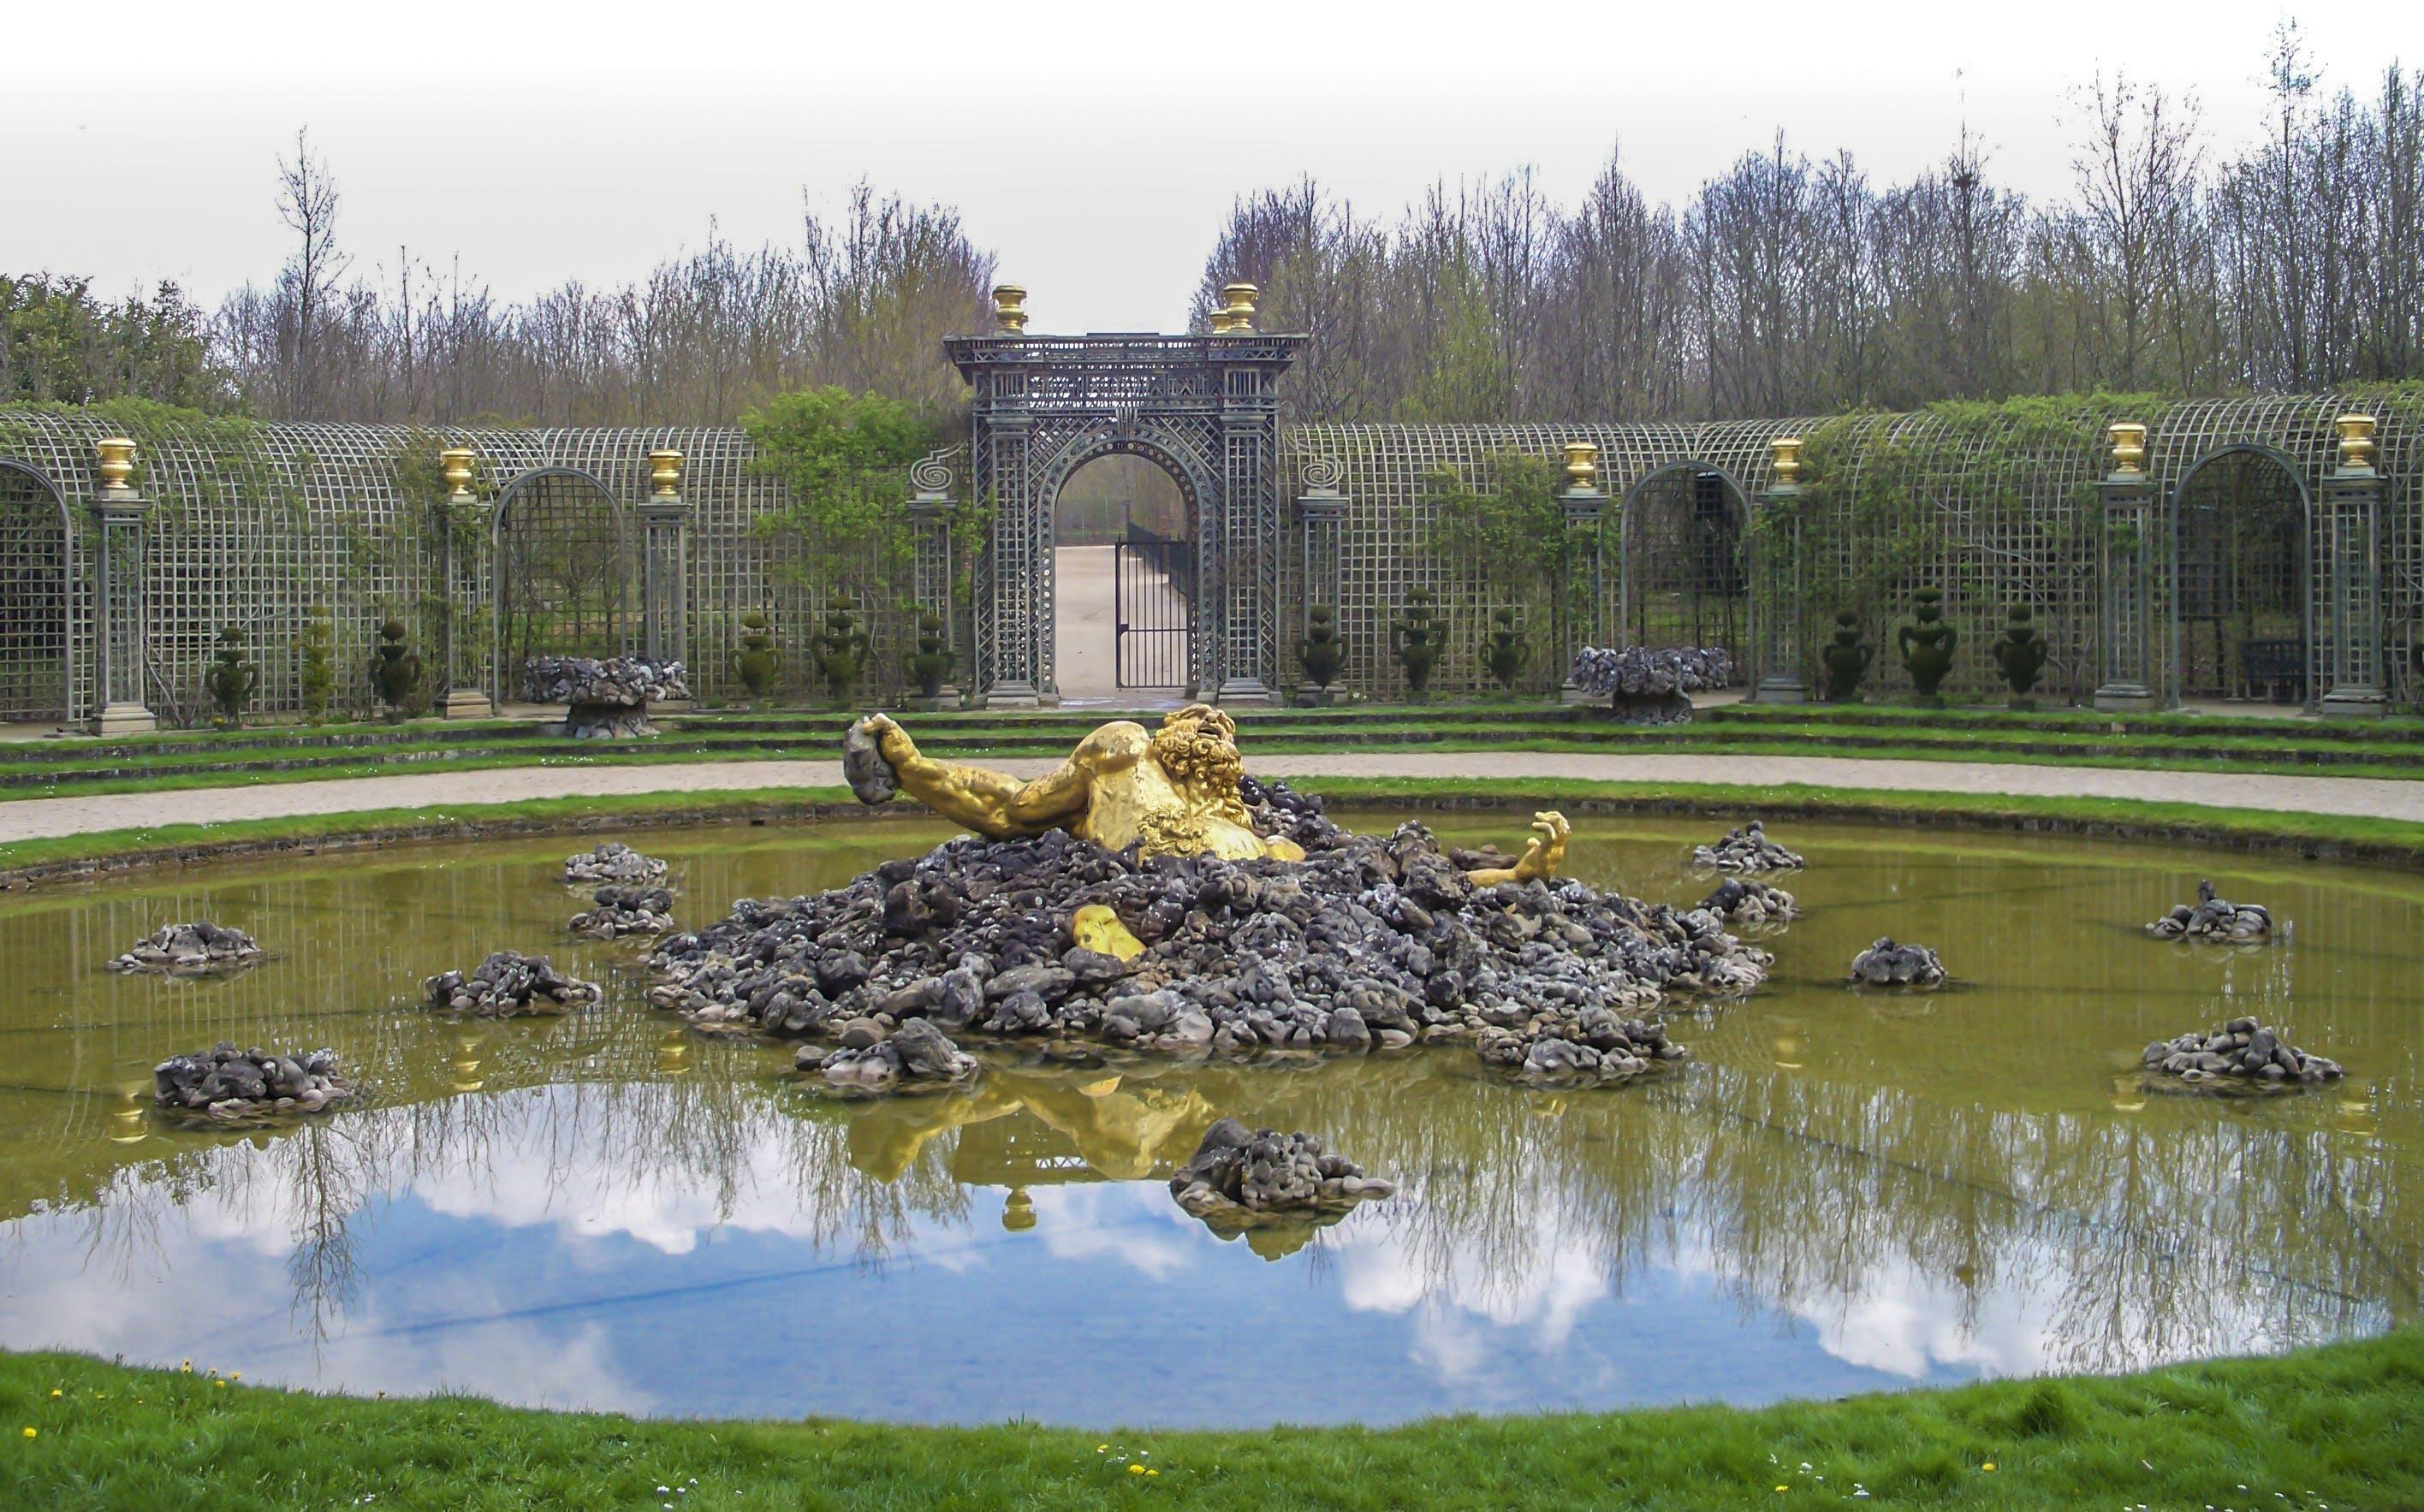 of gold man, golden statue, statue, Versailles